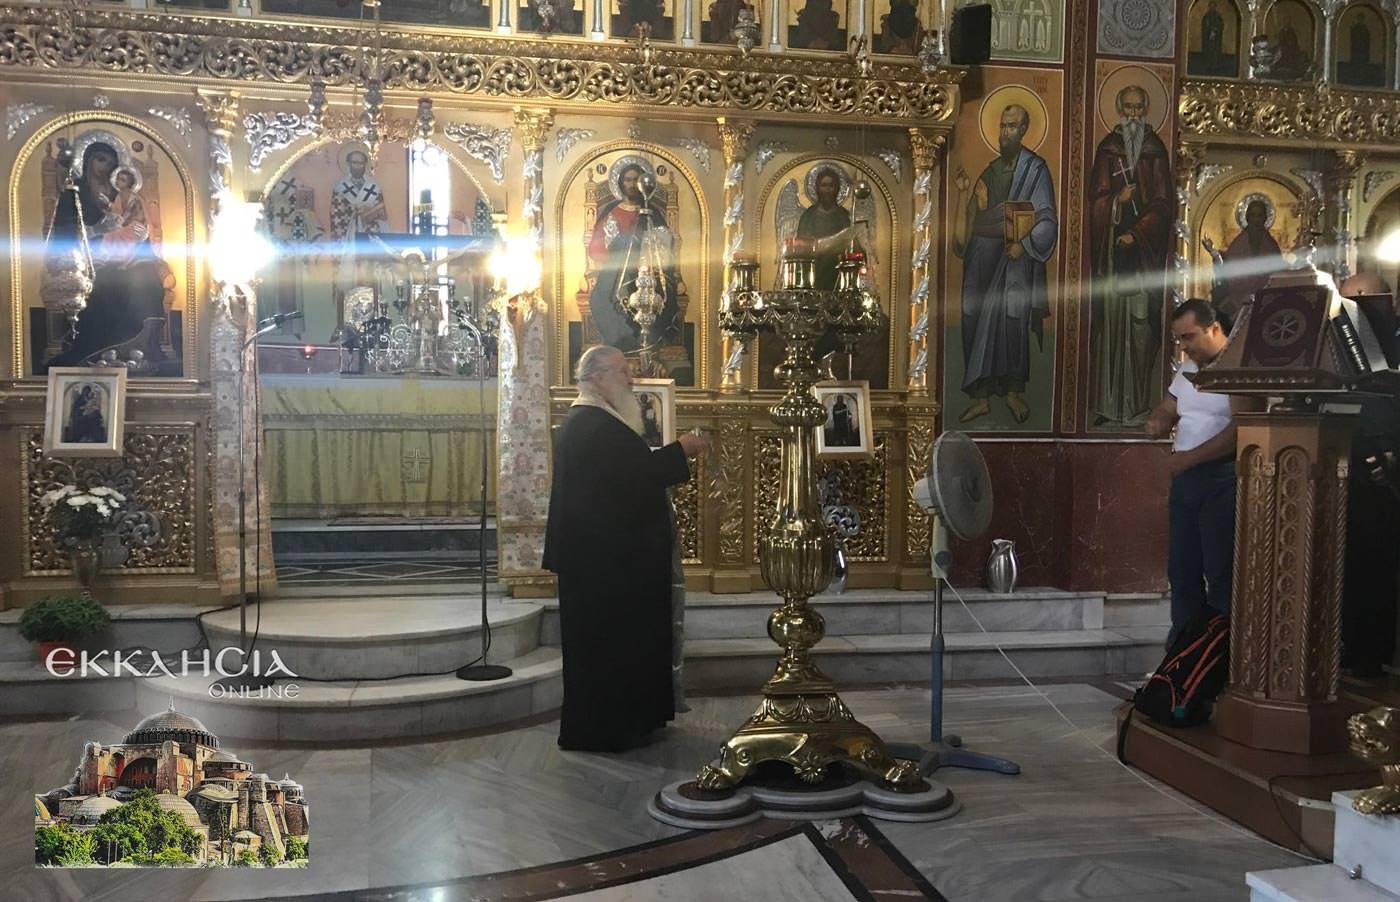 Άγιος Αμφιλόχιος Μακρής Αγίου Γεωργίου